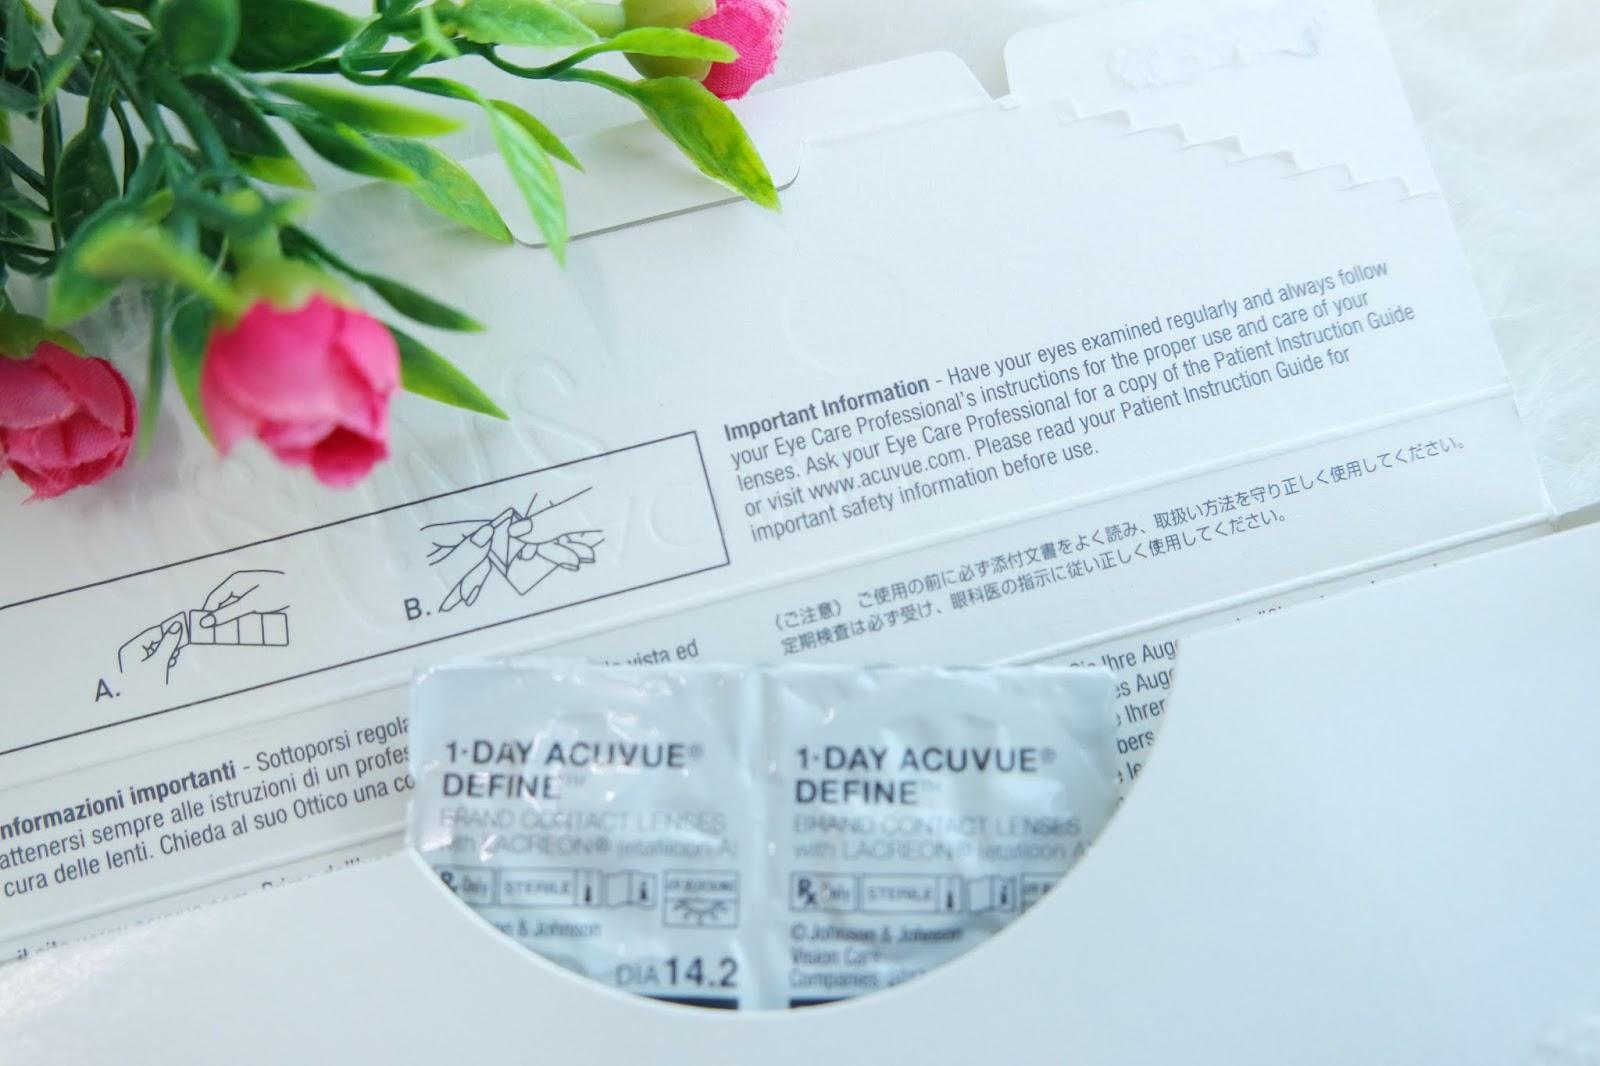 Vindy Alyssa Review 1 Day Acuvue Define Softlens 2 Ada Baiknya Sebelum Mencoba Pakai Soft Lens Konsultasikan Dulu Dengan Eye Care Profossional Ya Hal Ini Bertujuan Untuk Mengetahui Dan Memeriksa Kondisi